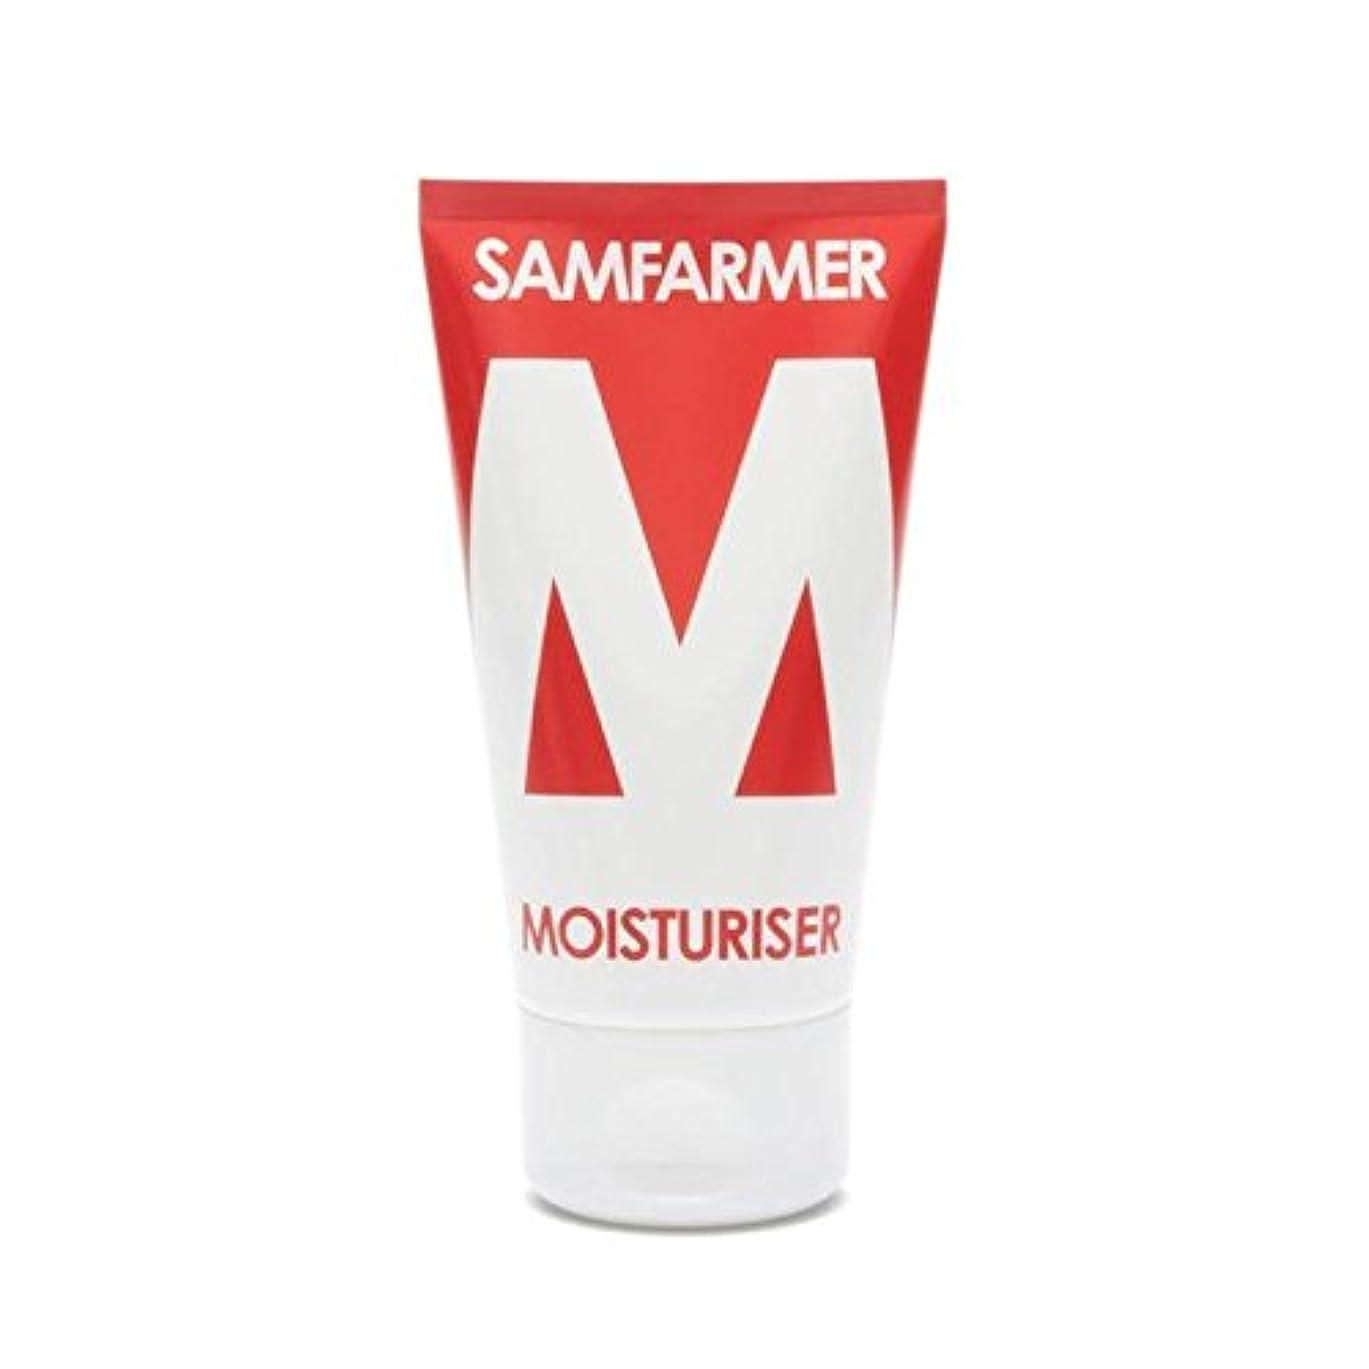 見えないルビー放送ユニセックス保湿50ミリリットル x2 - SAMFARMER Unisex Moisturiser 50ml (Pack of 2) [並行輸入品]